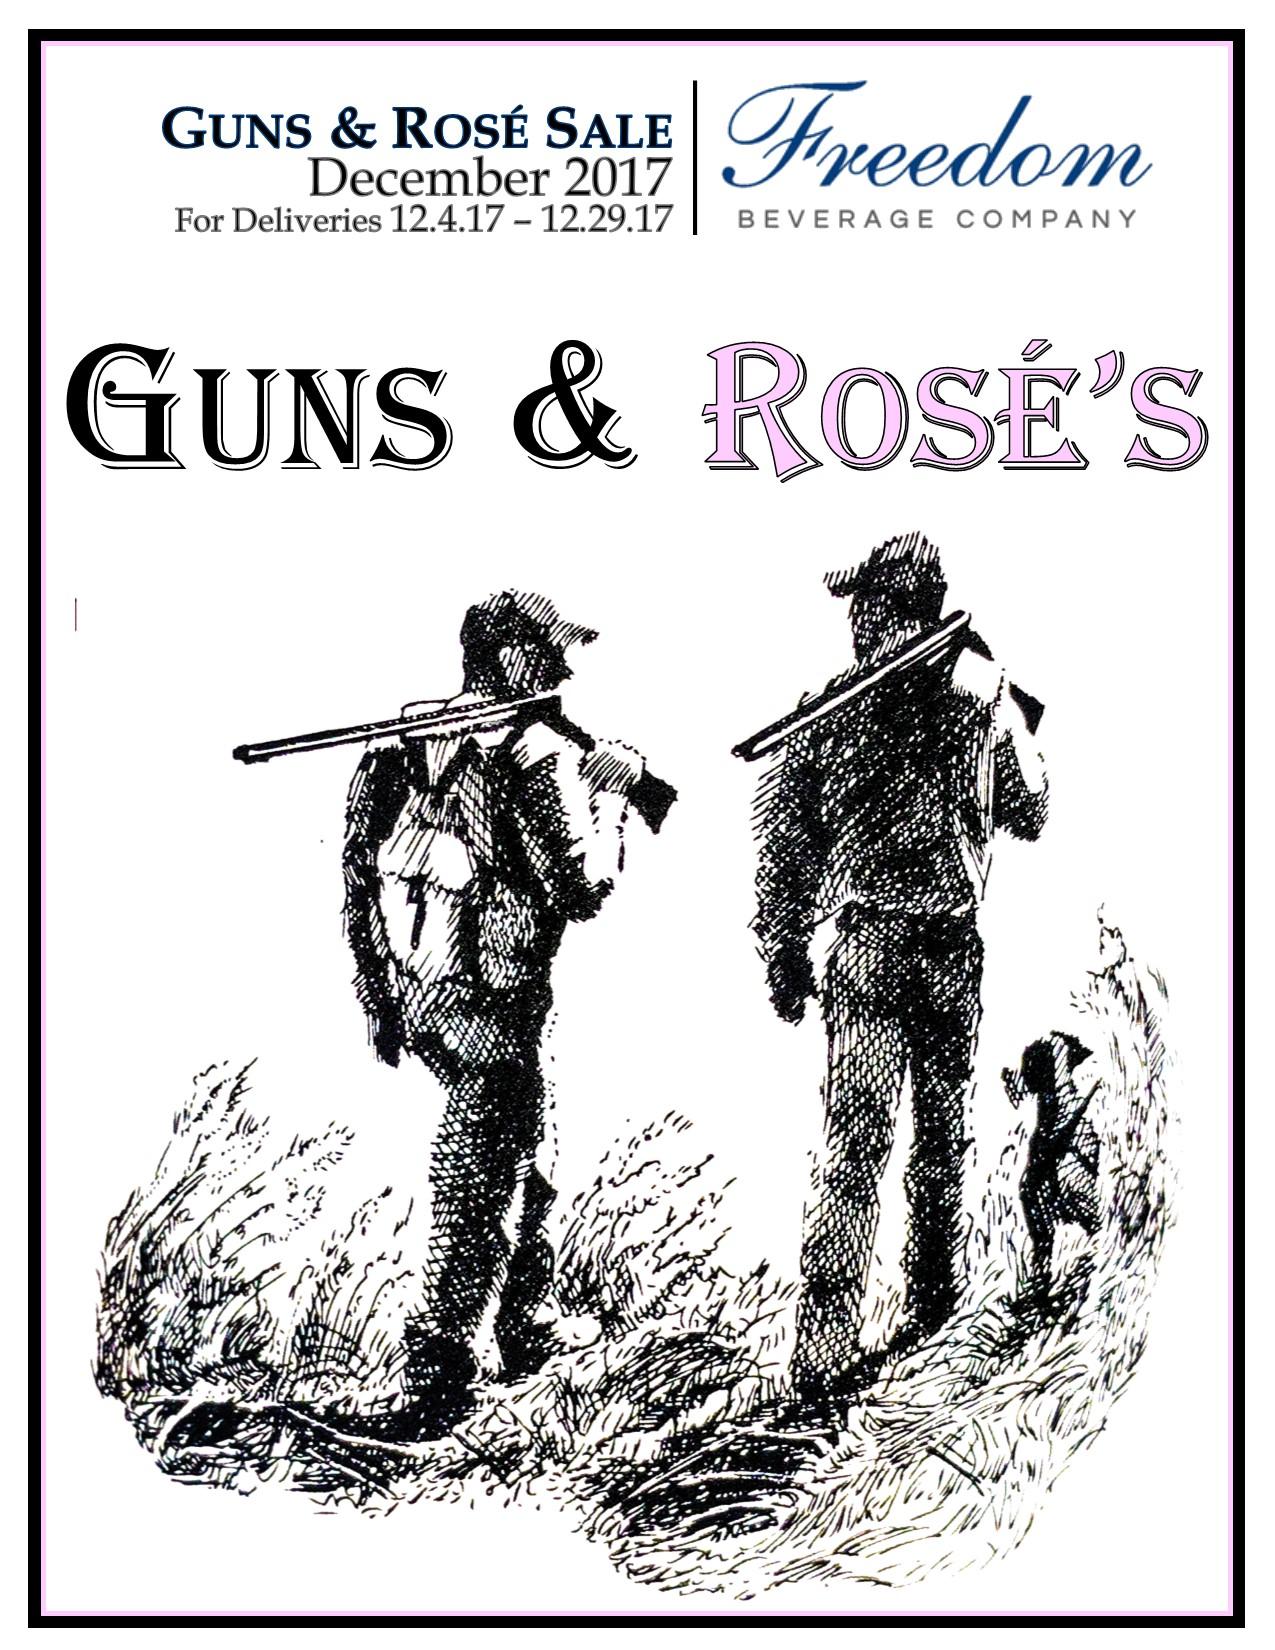 December 2017 Guns & Roses Sale - WEBSITE.jpg